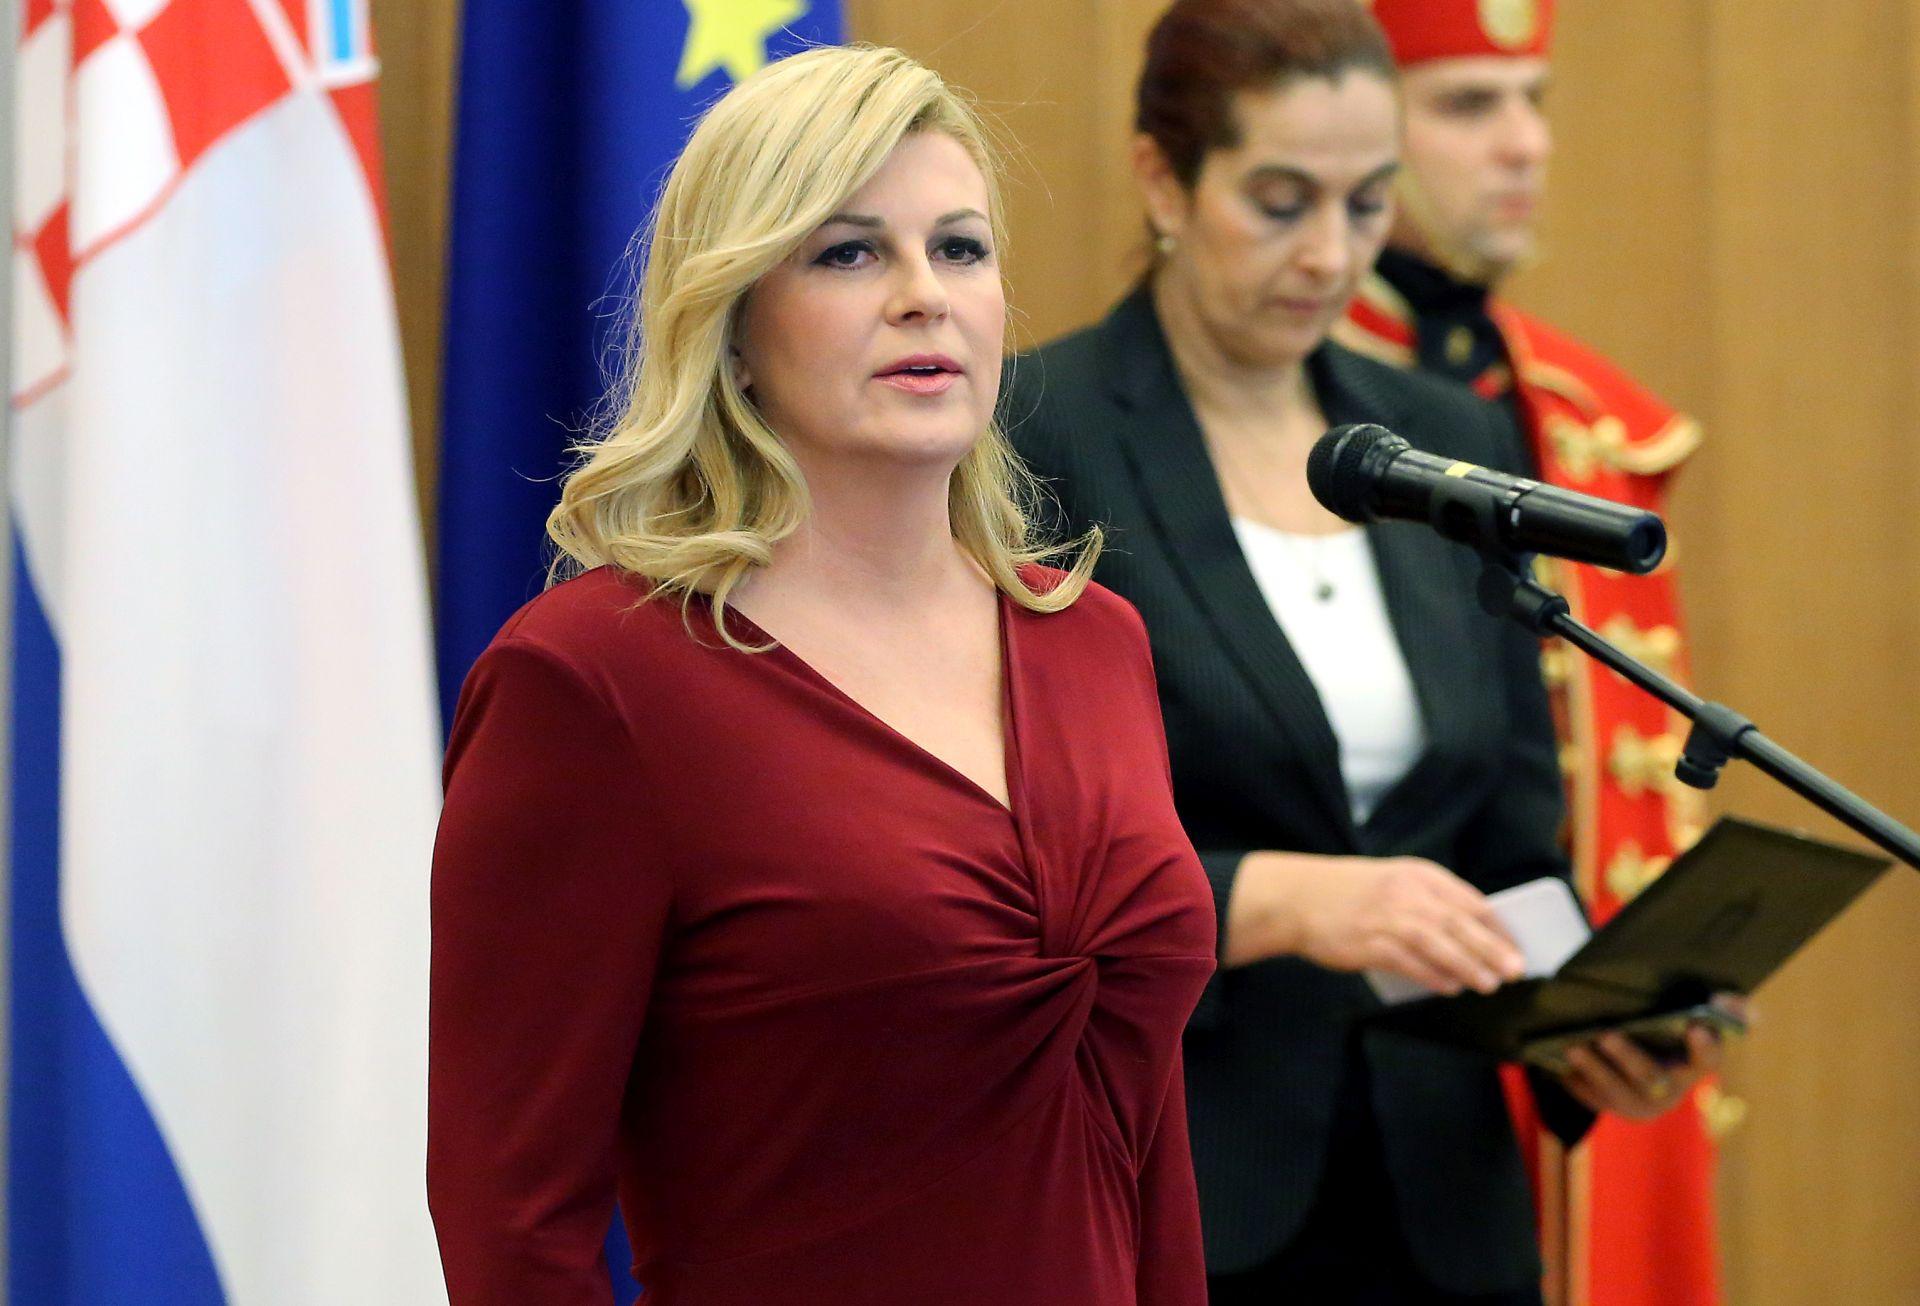 HNS: 'Smatramo da predsjednica svojim izjavama ispred Bijele kuće sramoti Hrvatsku'